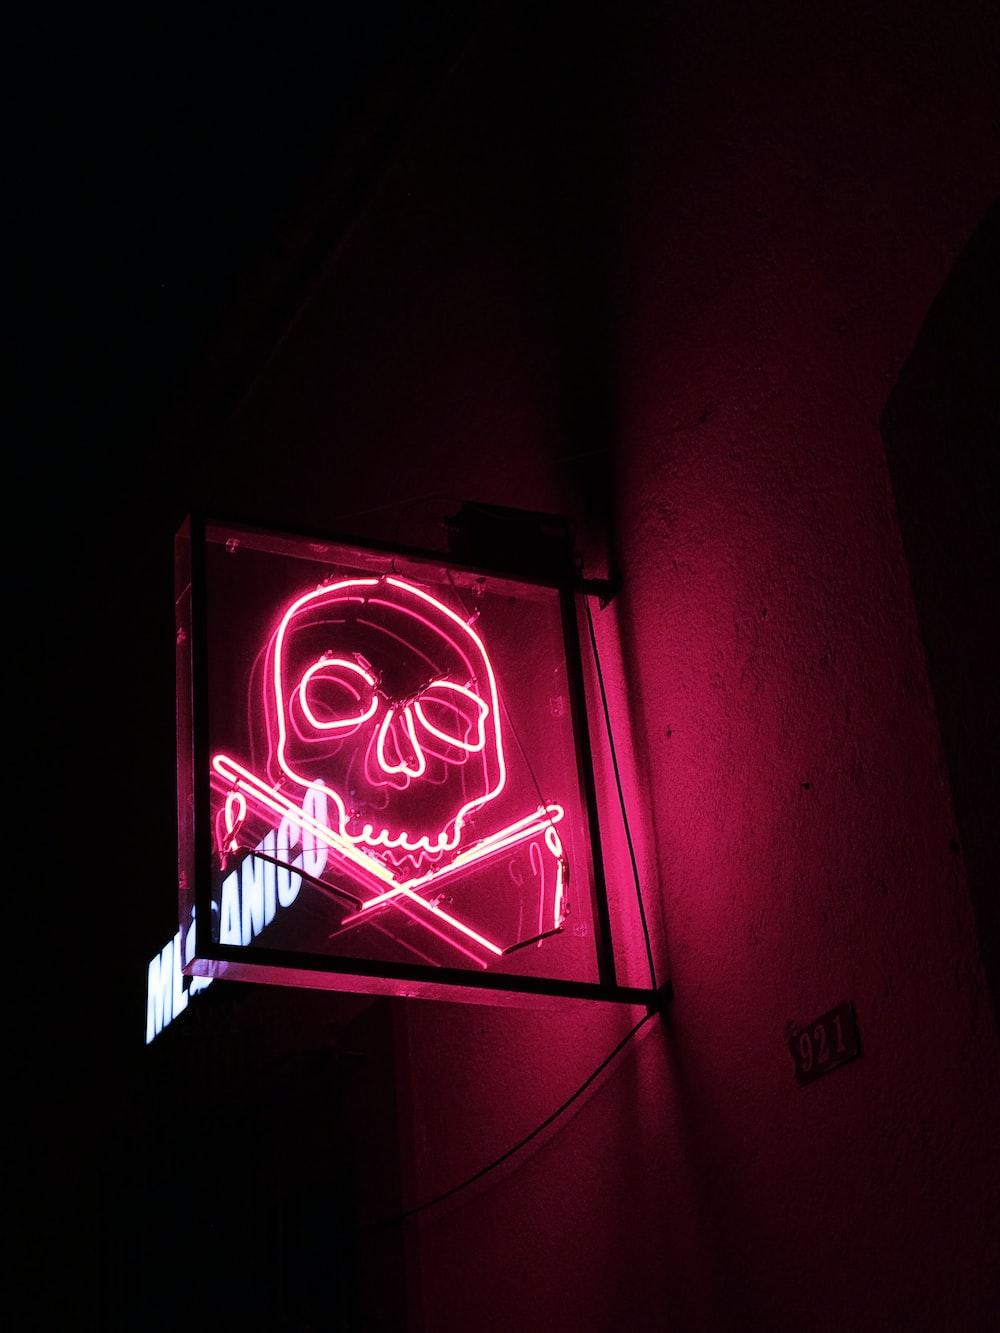 skull neon signage turned on